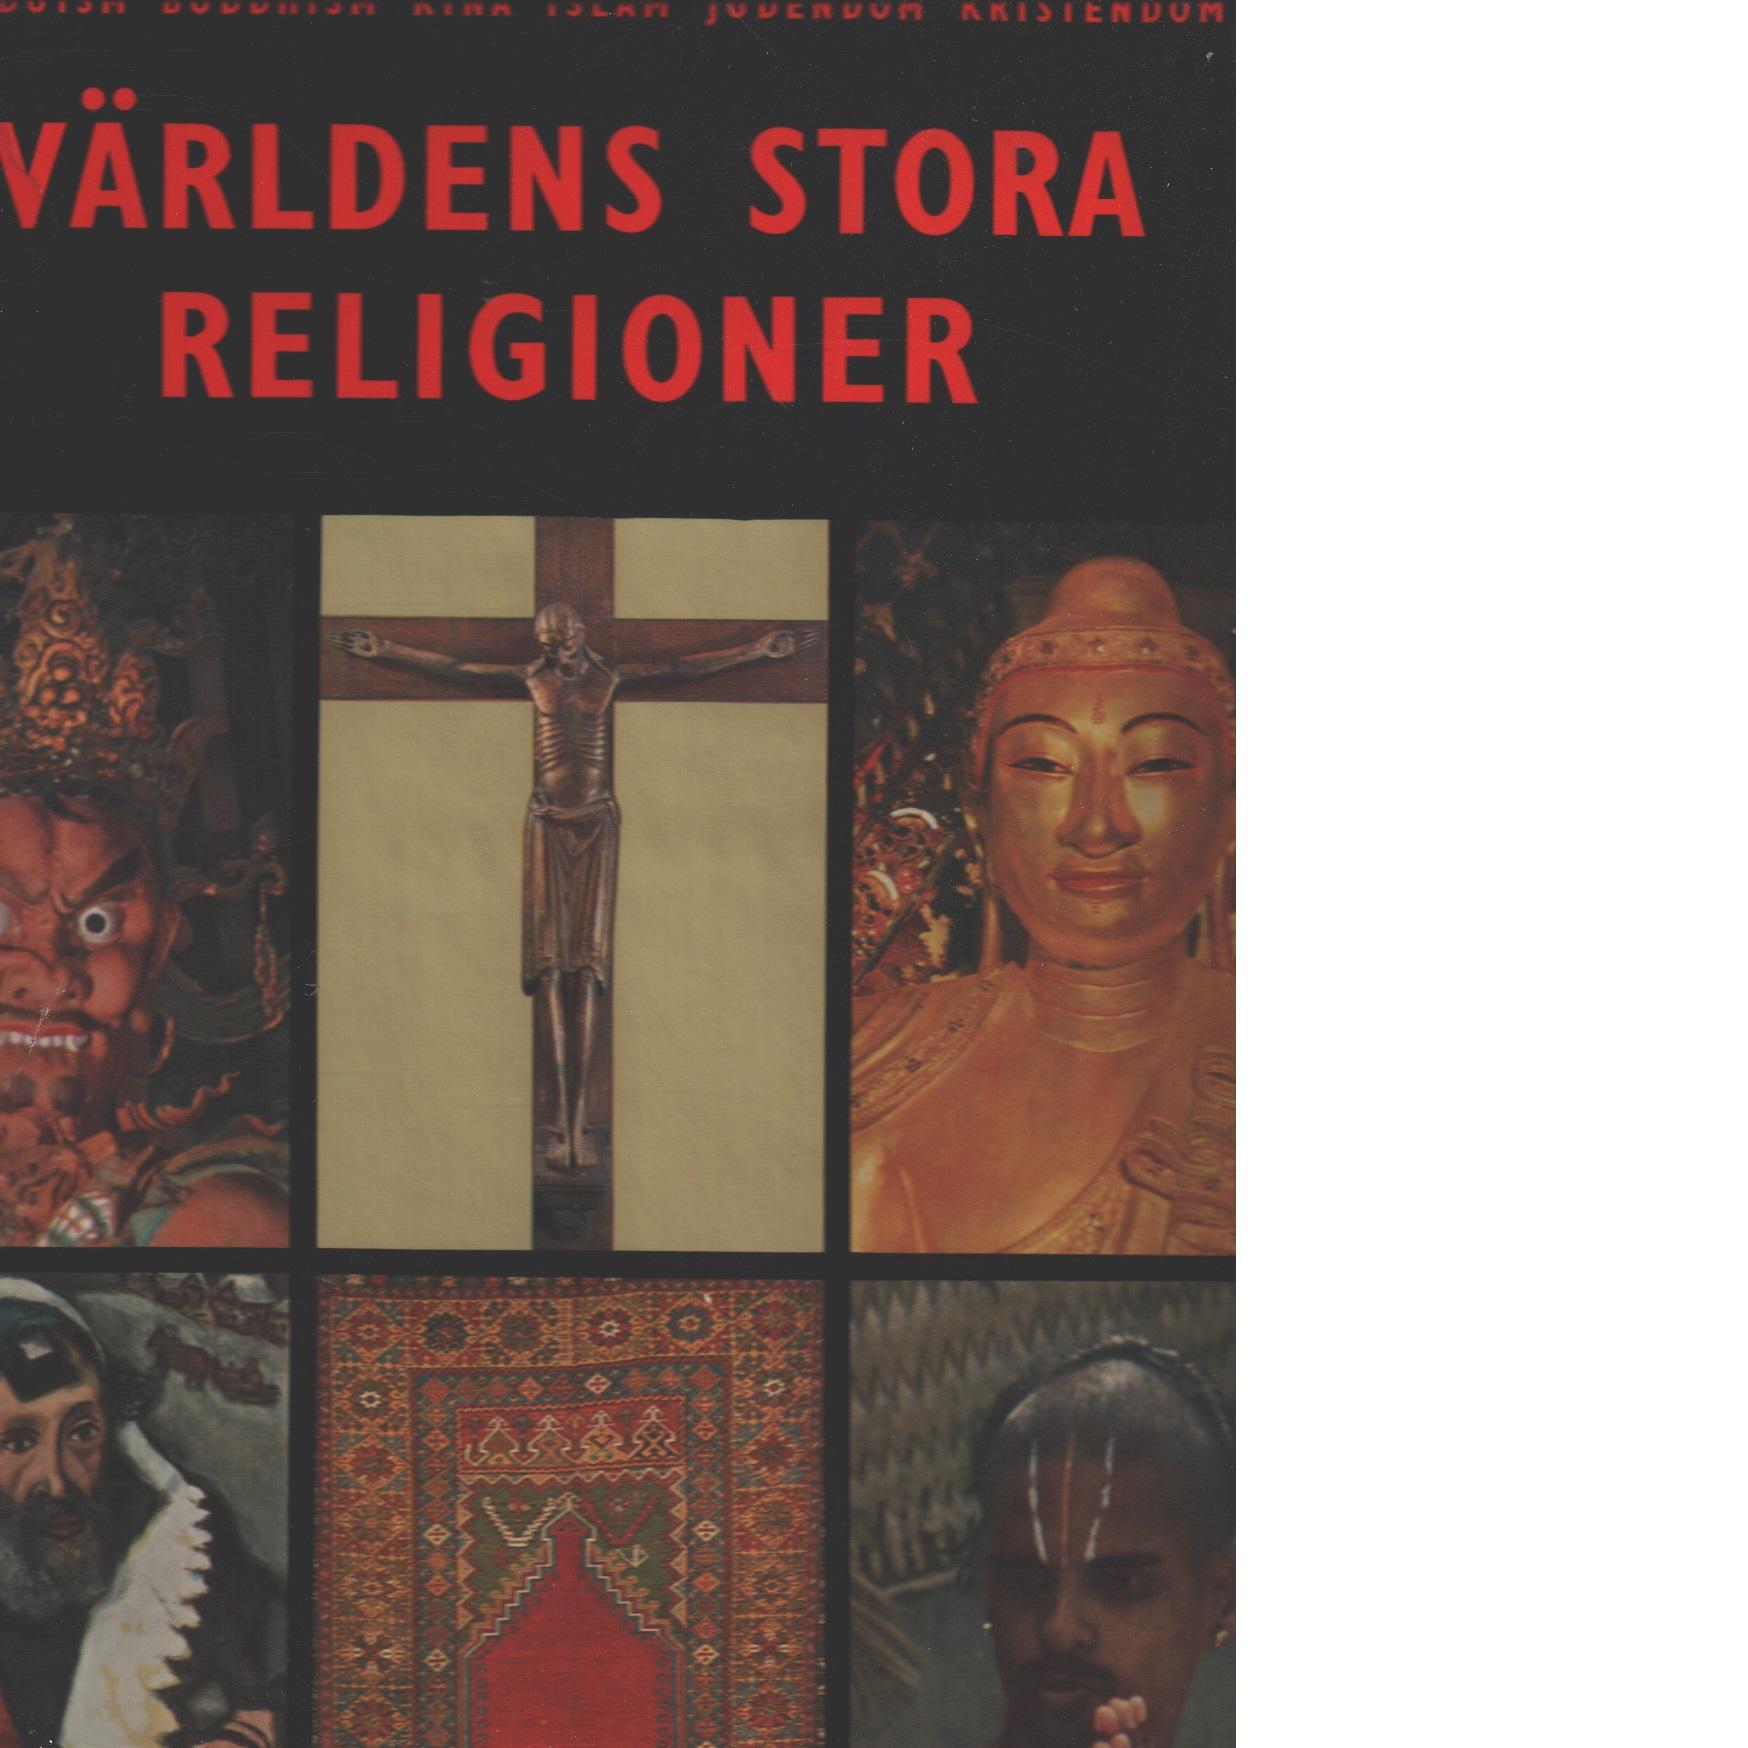 Världens stora religioner : hinduism, buddhism, kina, islam, judendom, kristendom - Red.